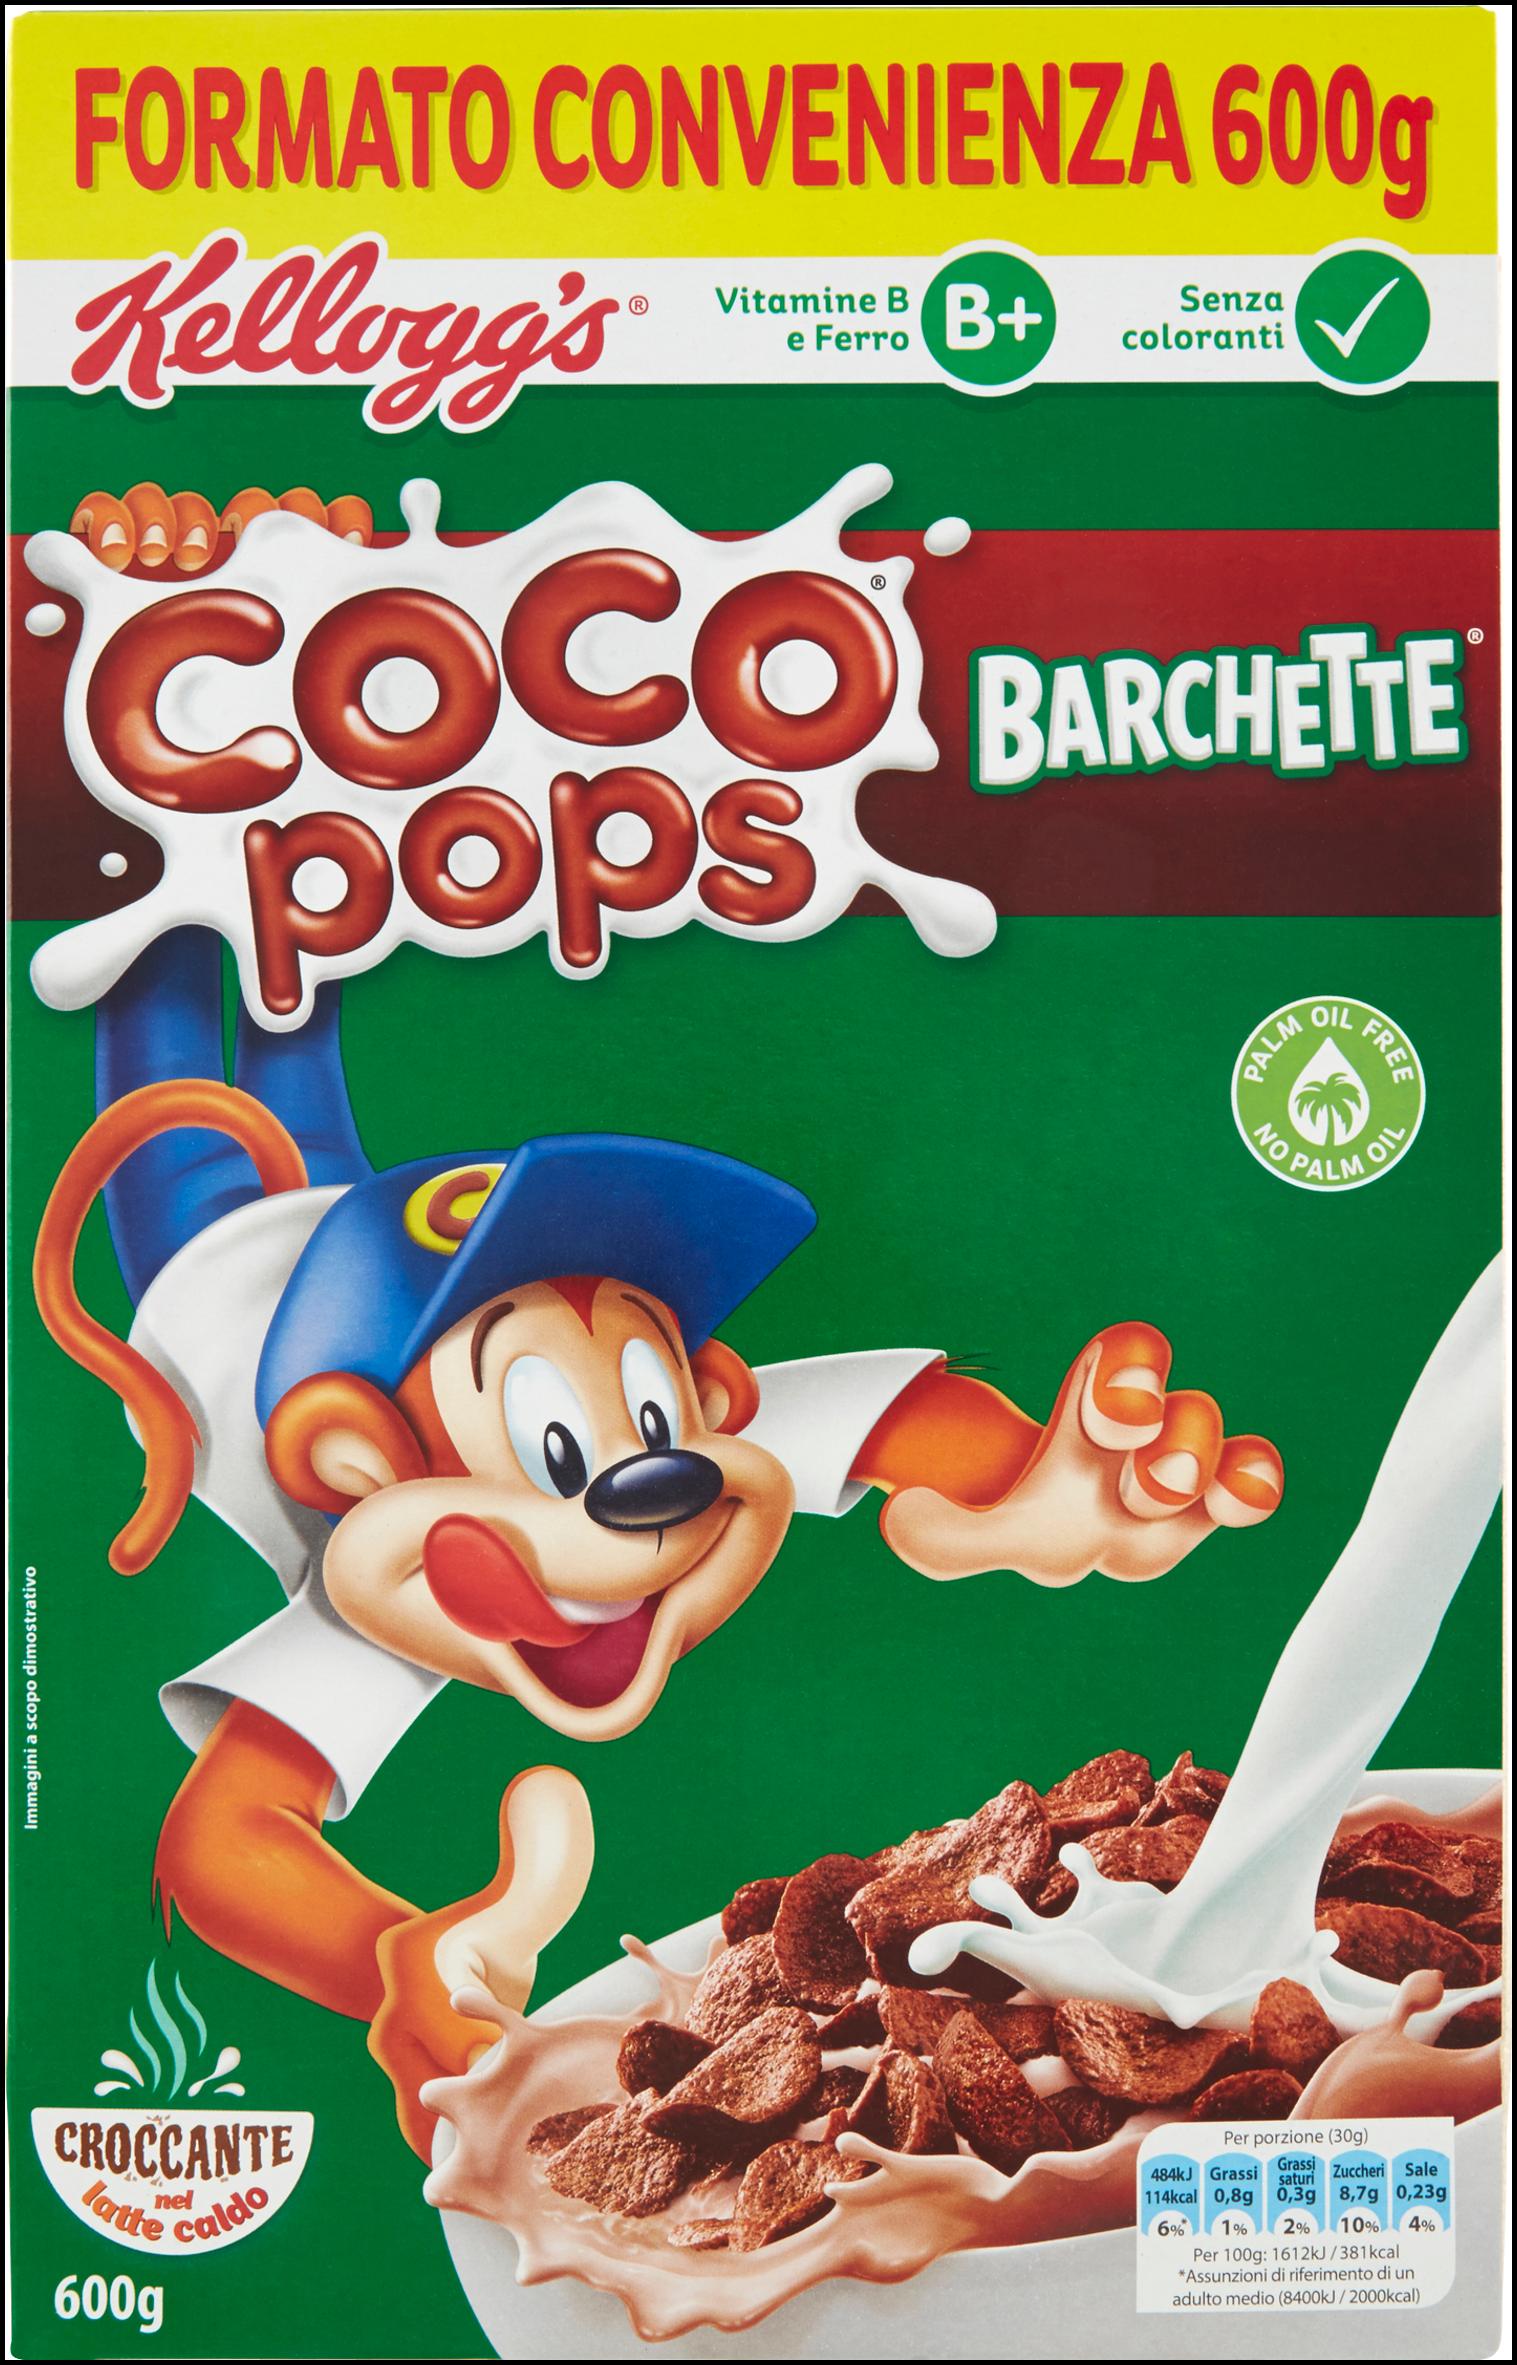 COCO POPS BARCHETTE KELLOGGS G600